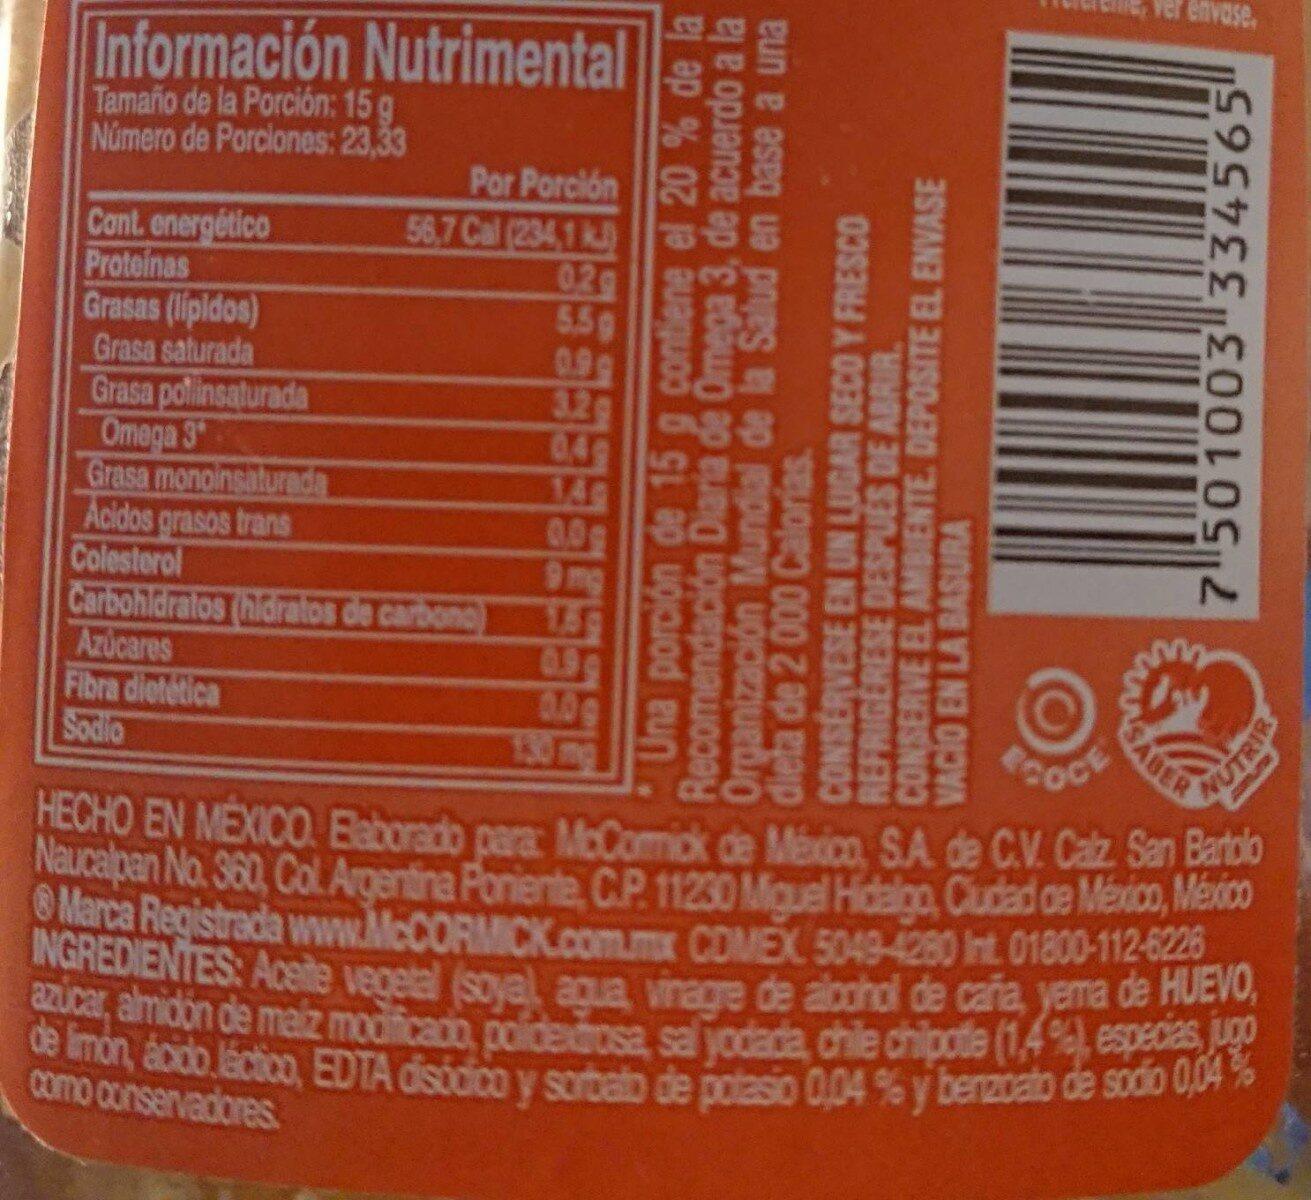 Mayonesa avec Chipotle - Información nutricional - fr